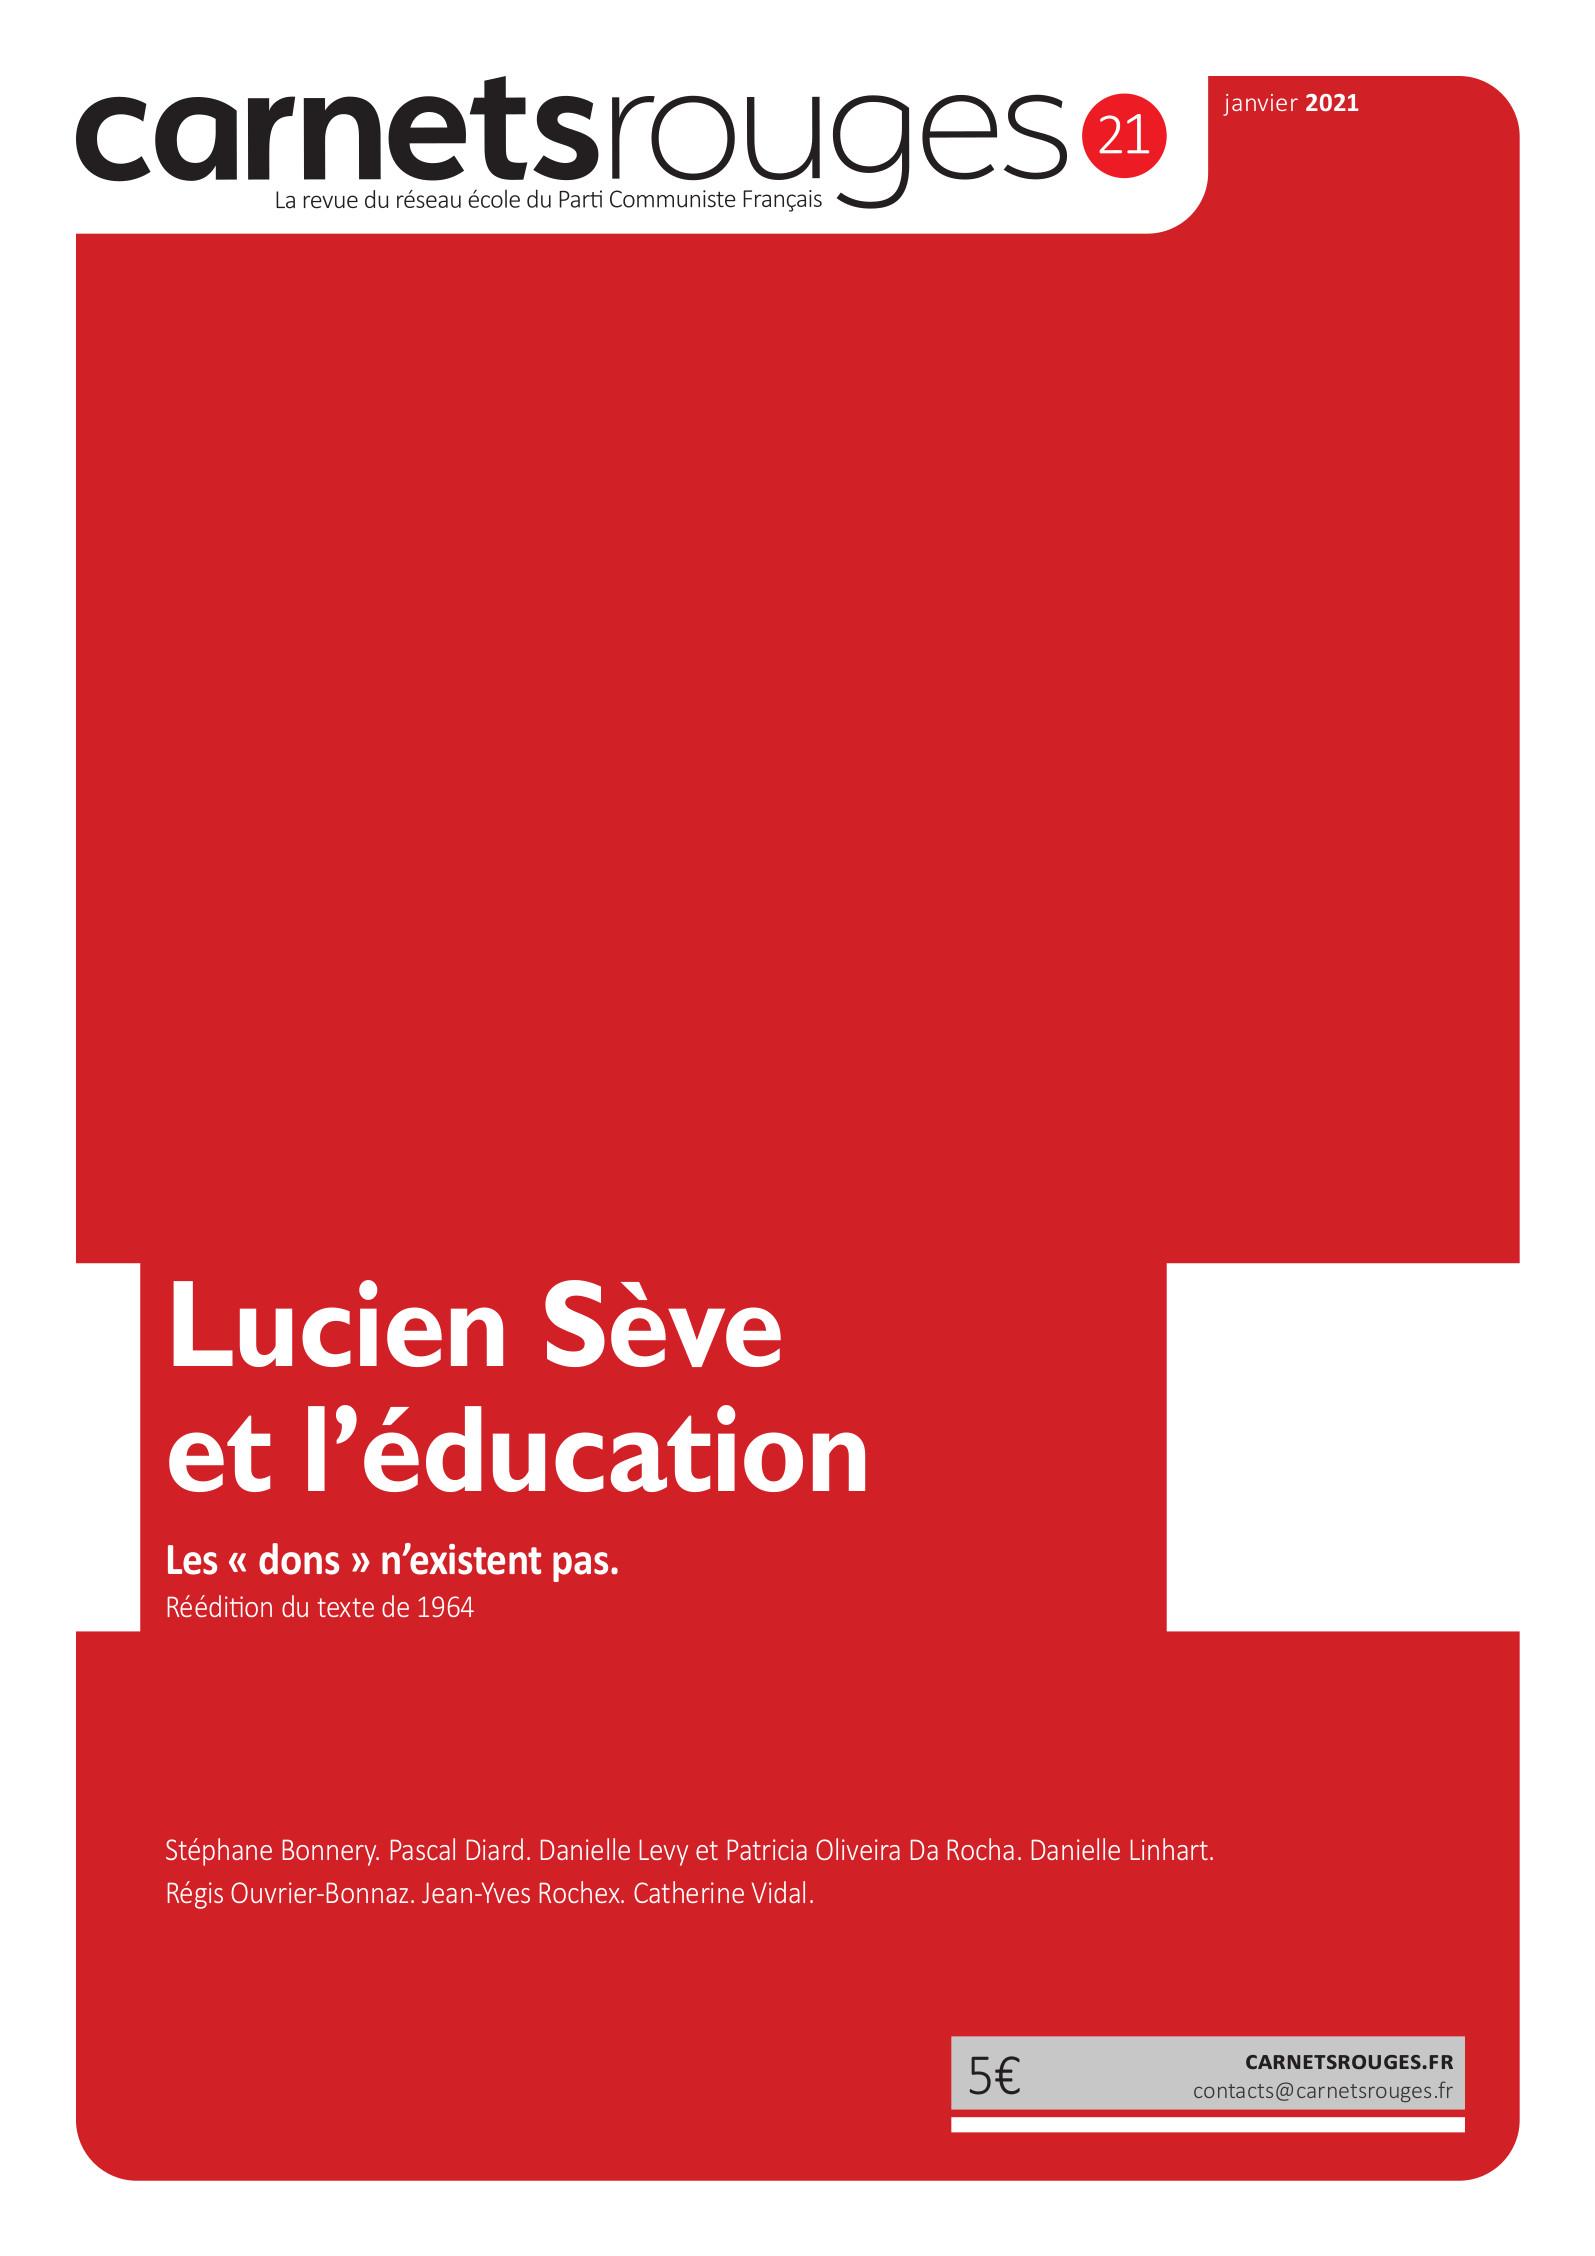 Couverture : Carnets rouges n°21 | Janvier 2021 | Lucien Sève et l'éducation